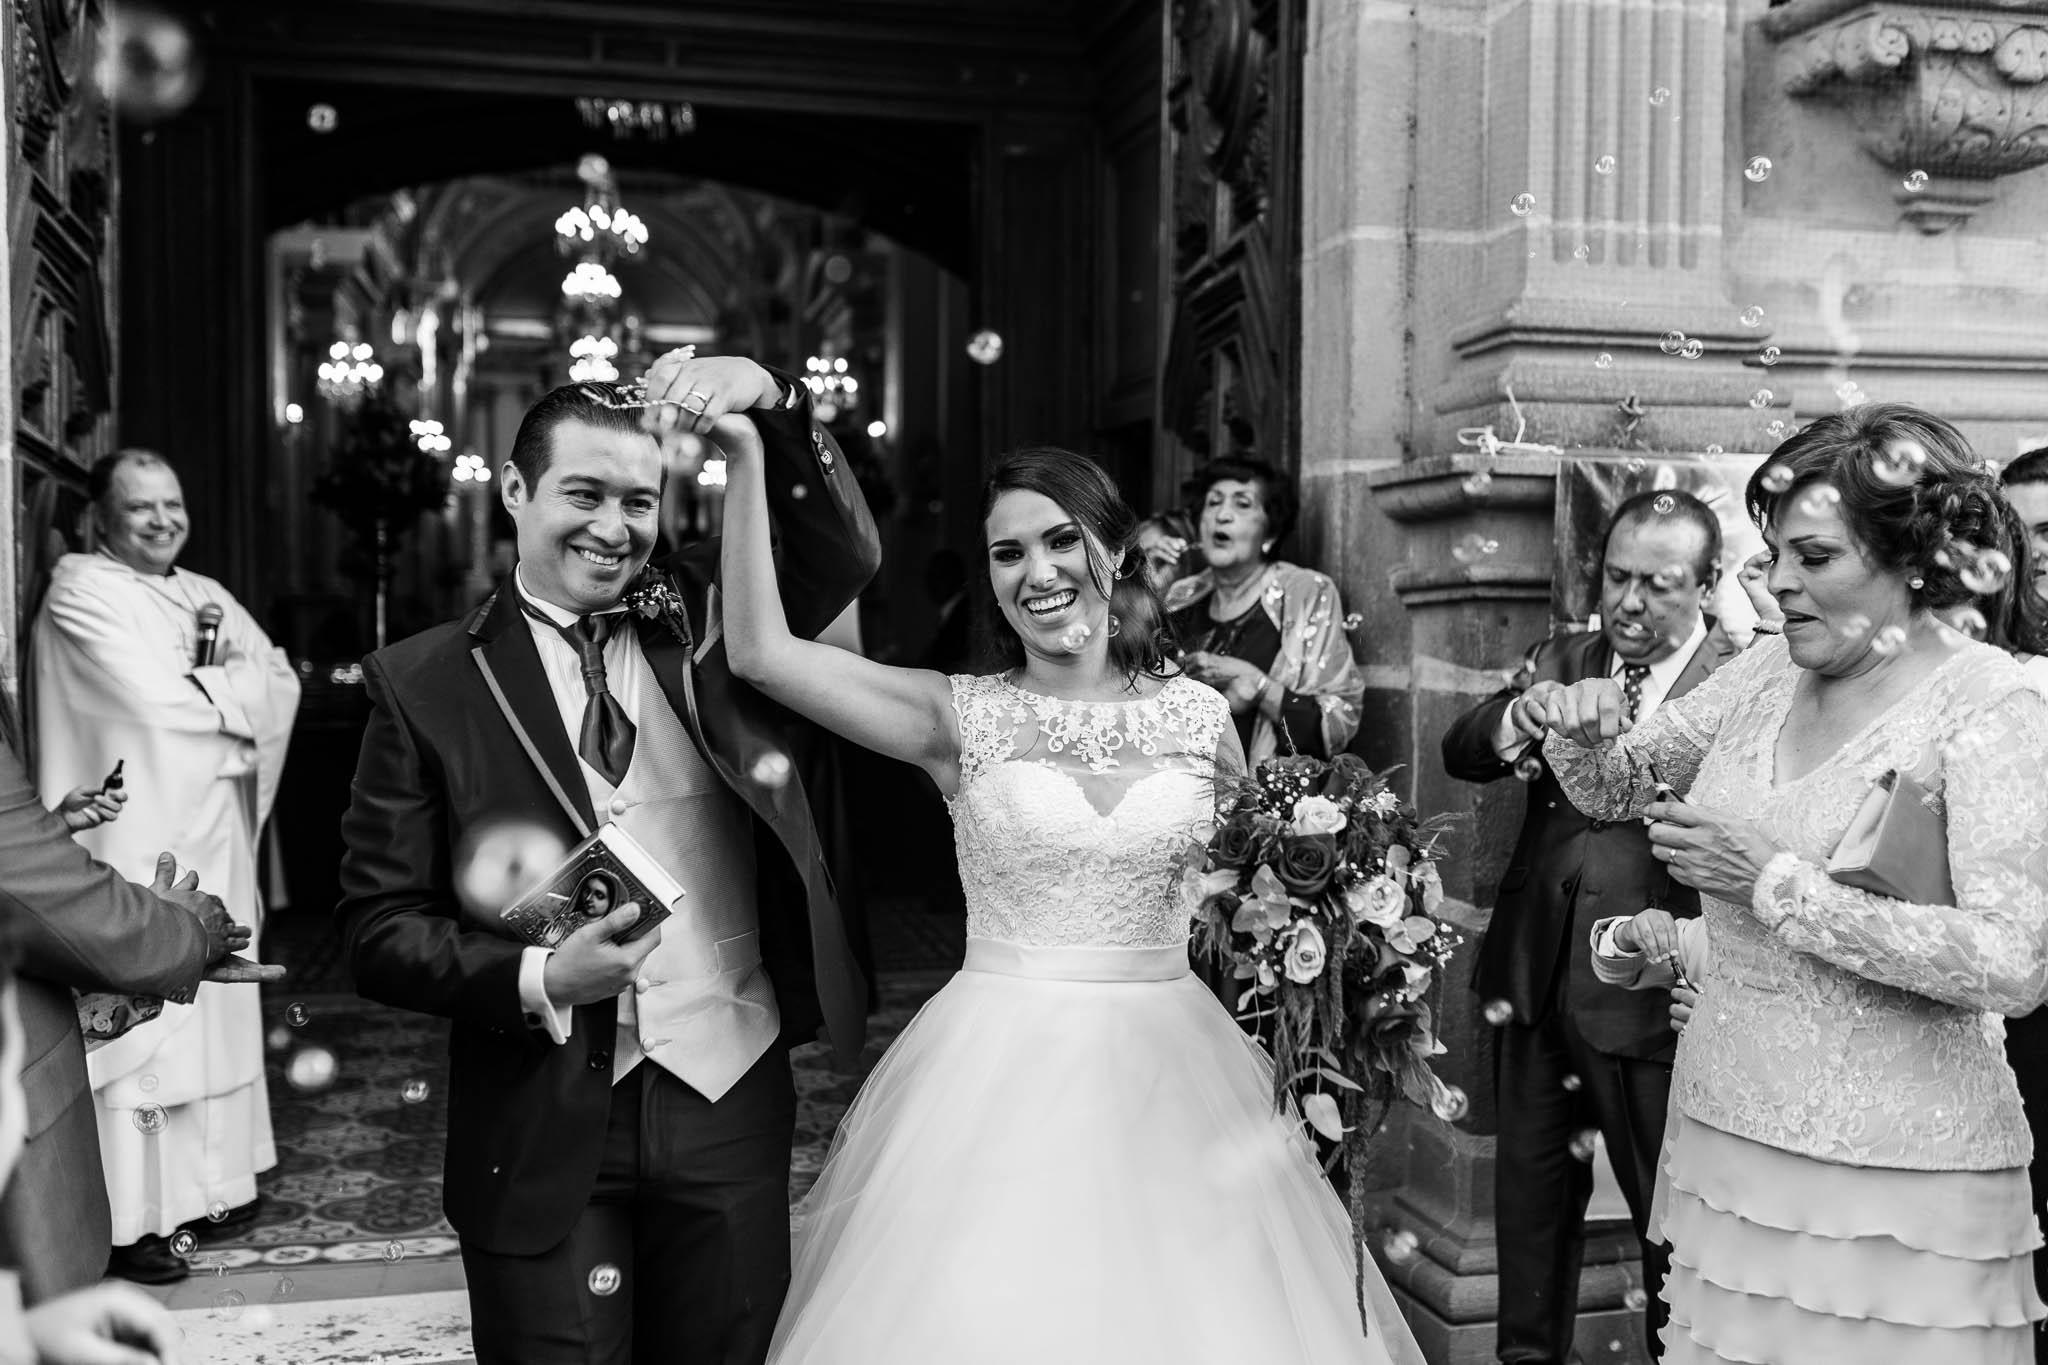 fotografo de bodas san luis potosi boda mexico wedding destination fotos de boda 118